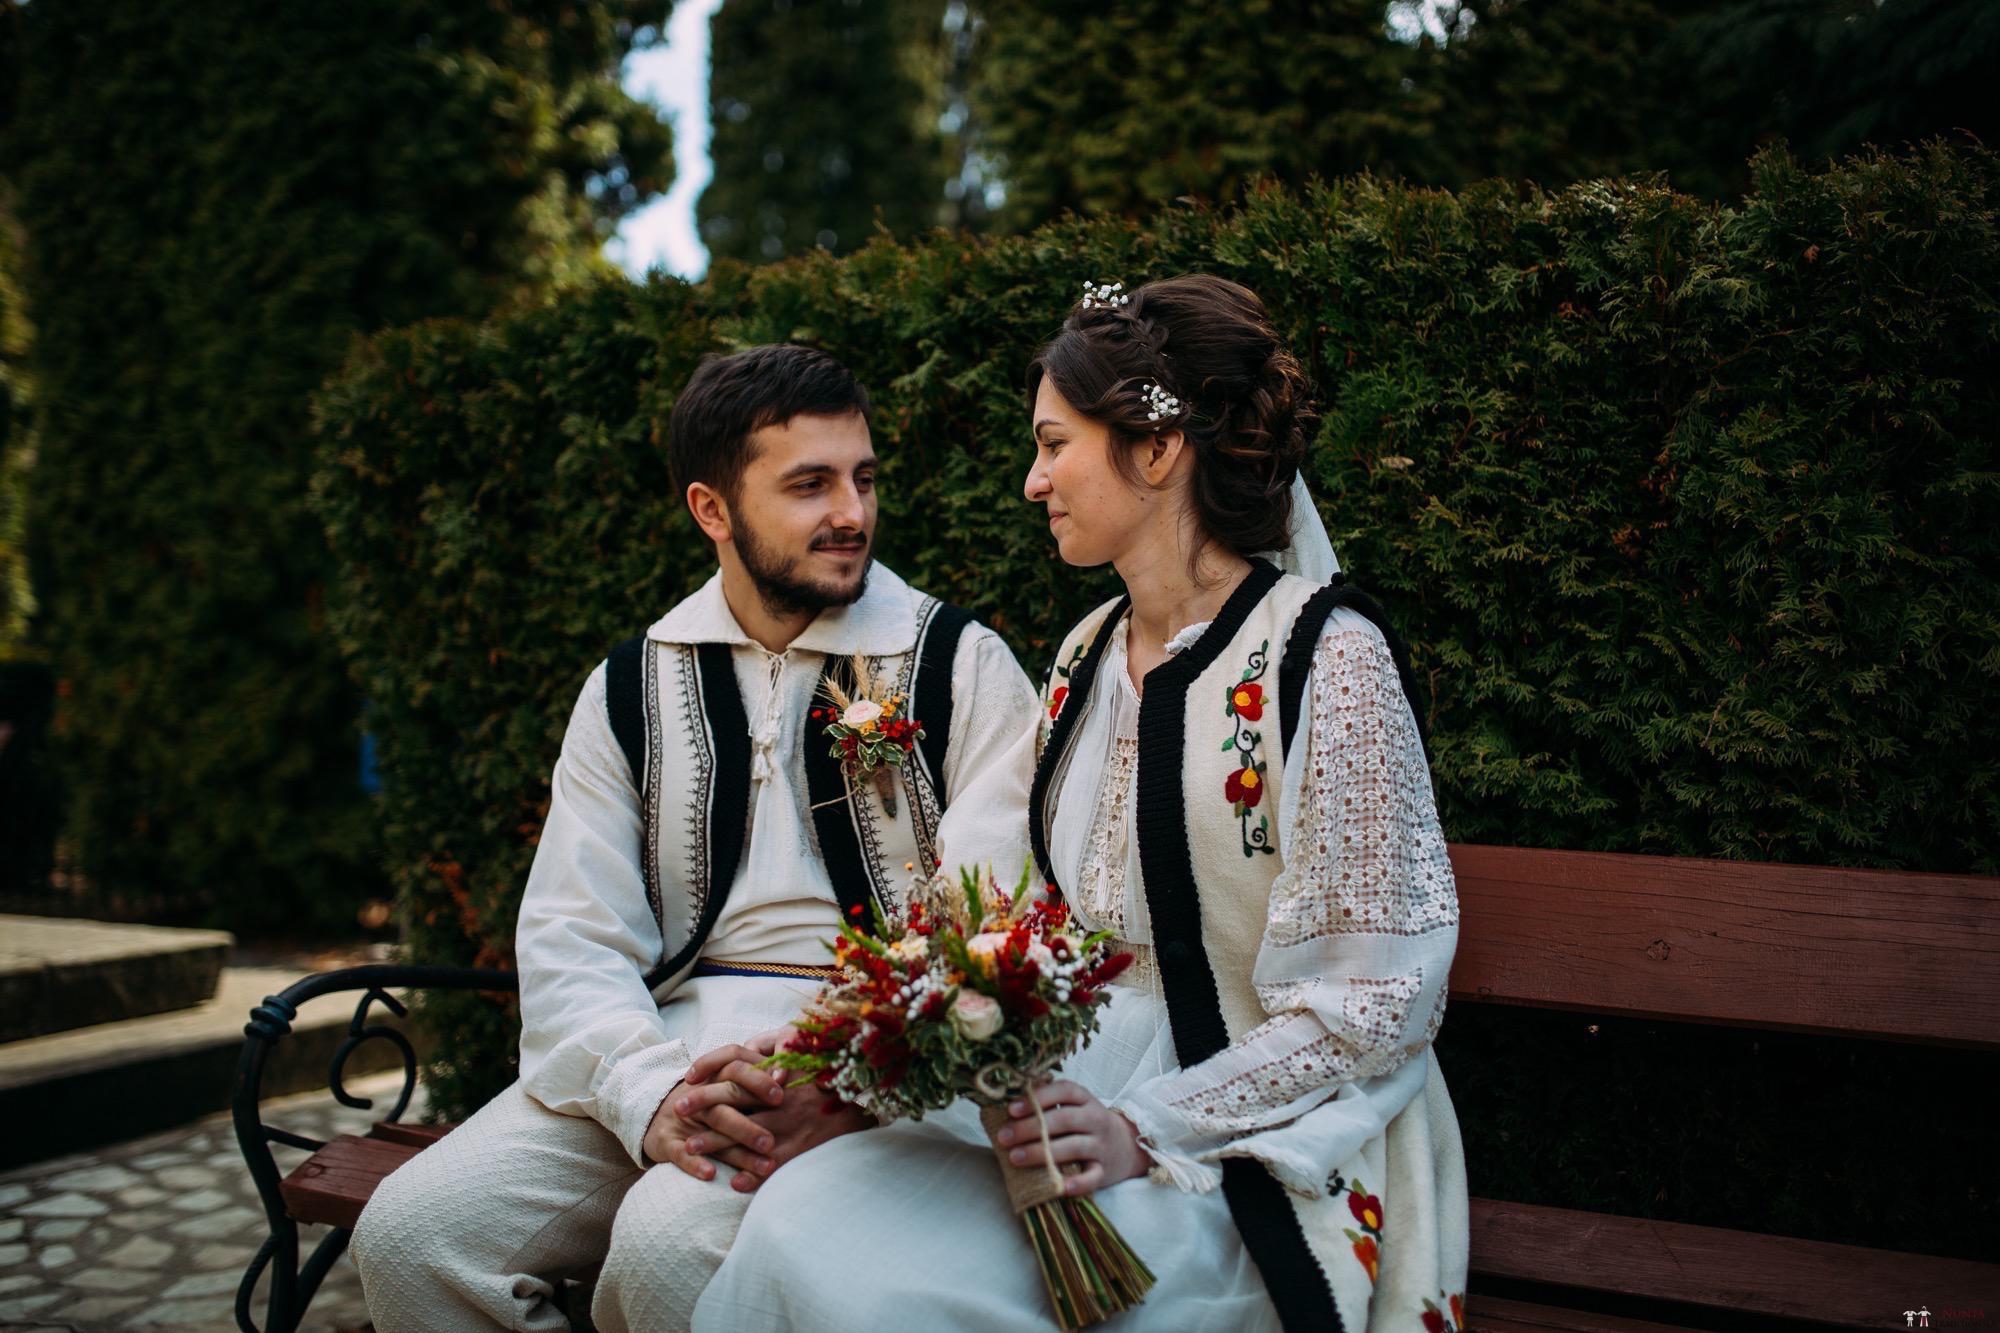 Povești Nunți Tradiționale - Gabriela și Adrian. Nuntă tradițională în Piatra Neamț 4